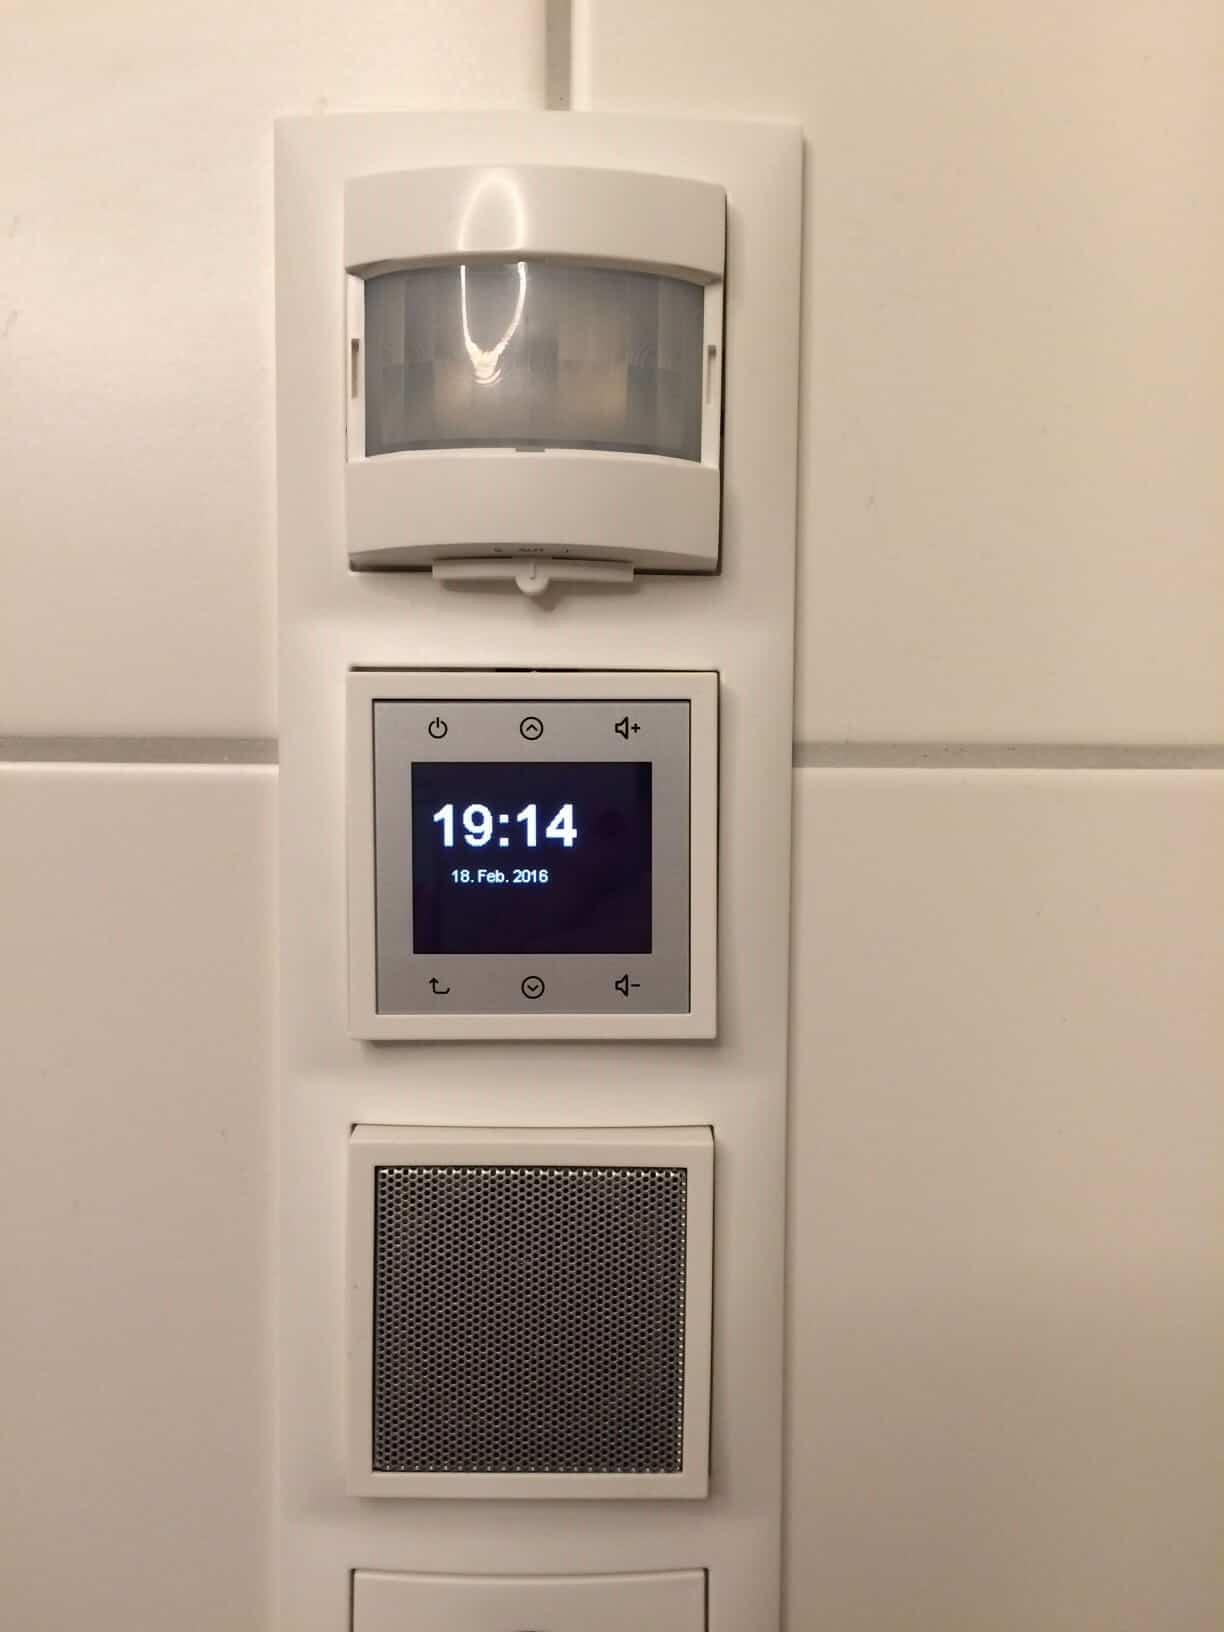 Steckdosenradio mit Lautsprecher und Bewegungsmelder - Unser Erfahrungsbericht zum Badezimmerradio